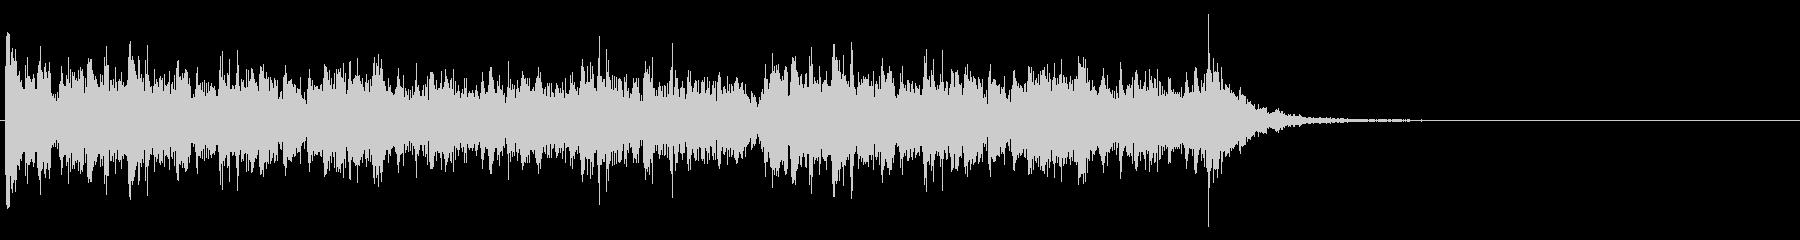 ドラムロール・スネアロール(長い)の未再生の波形